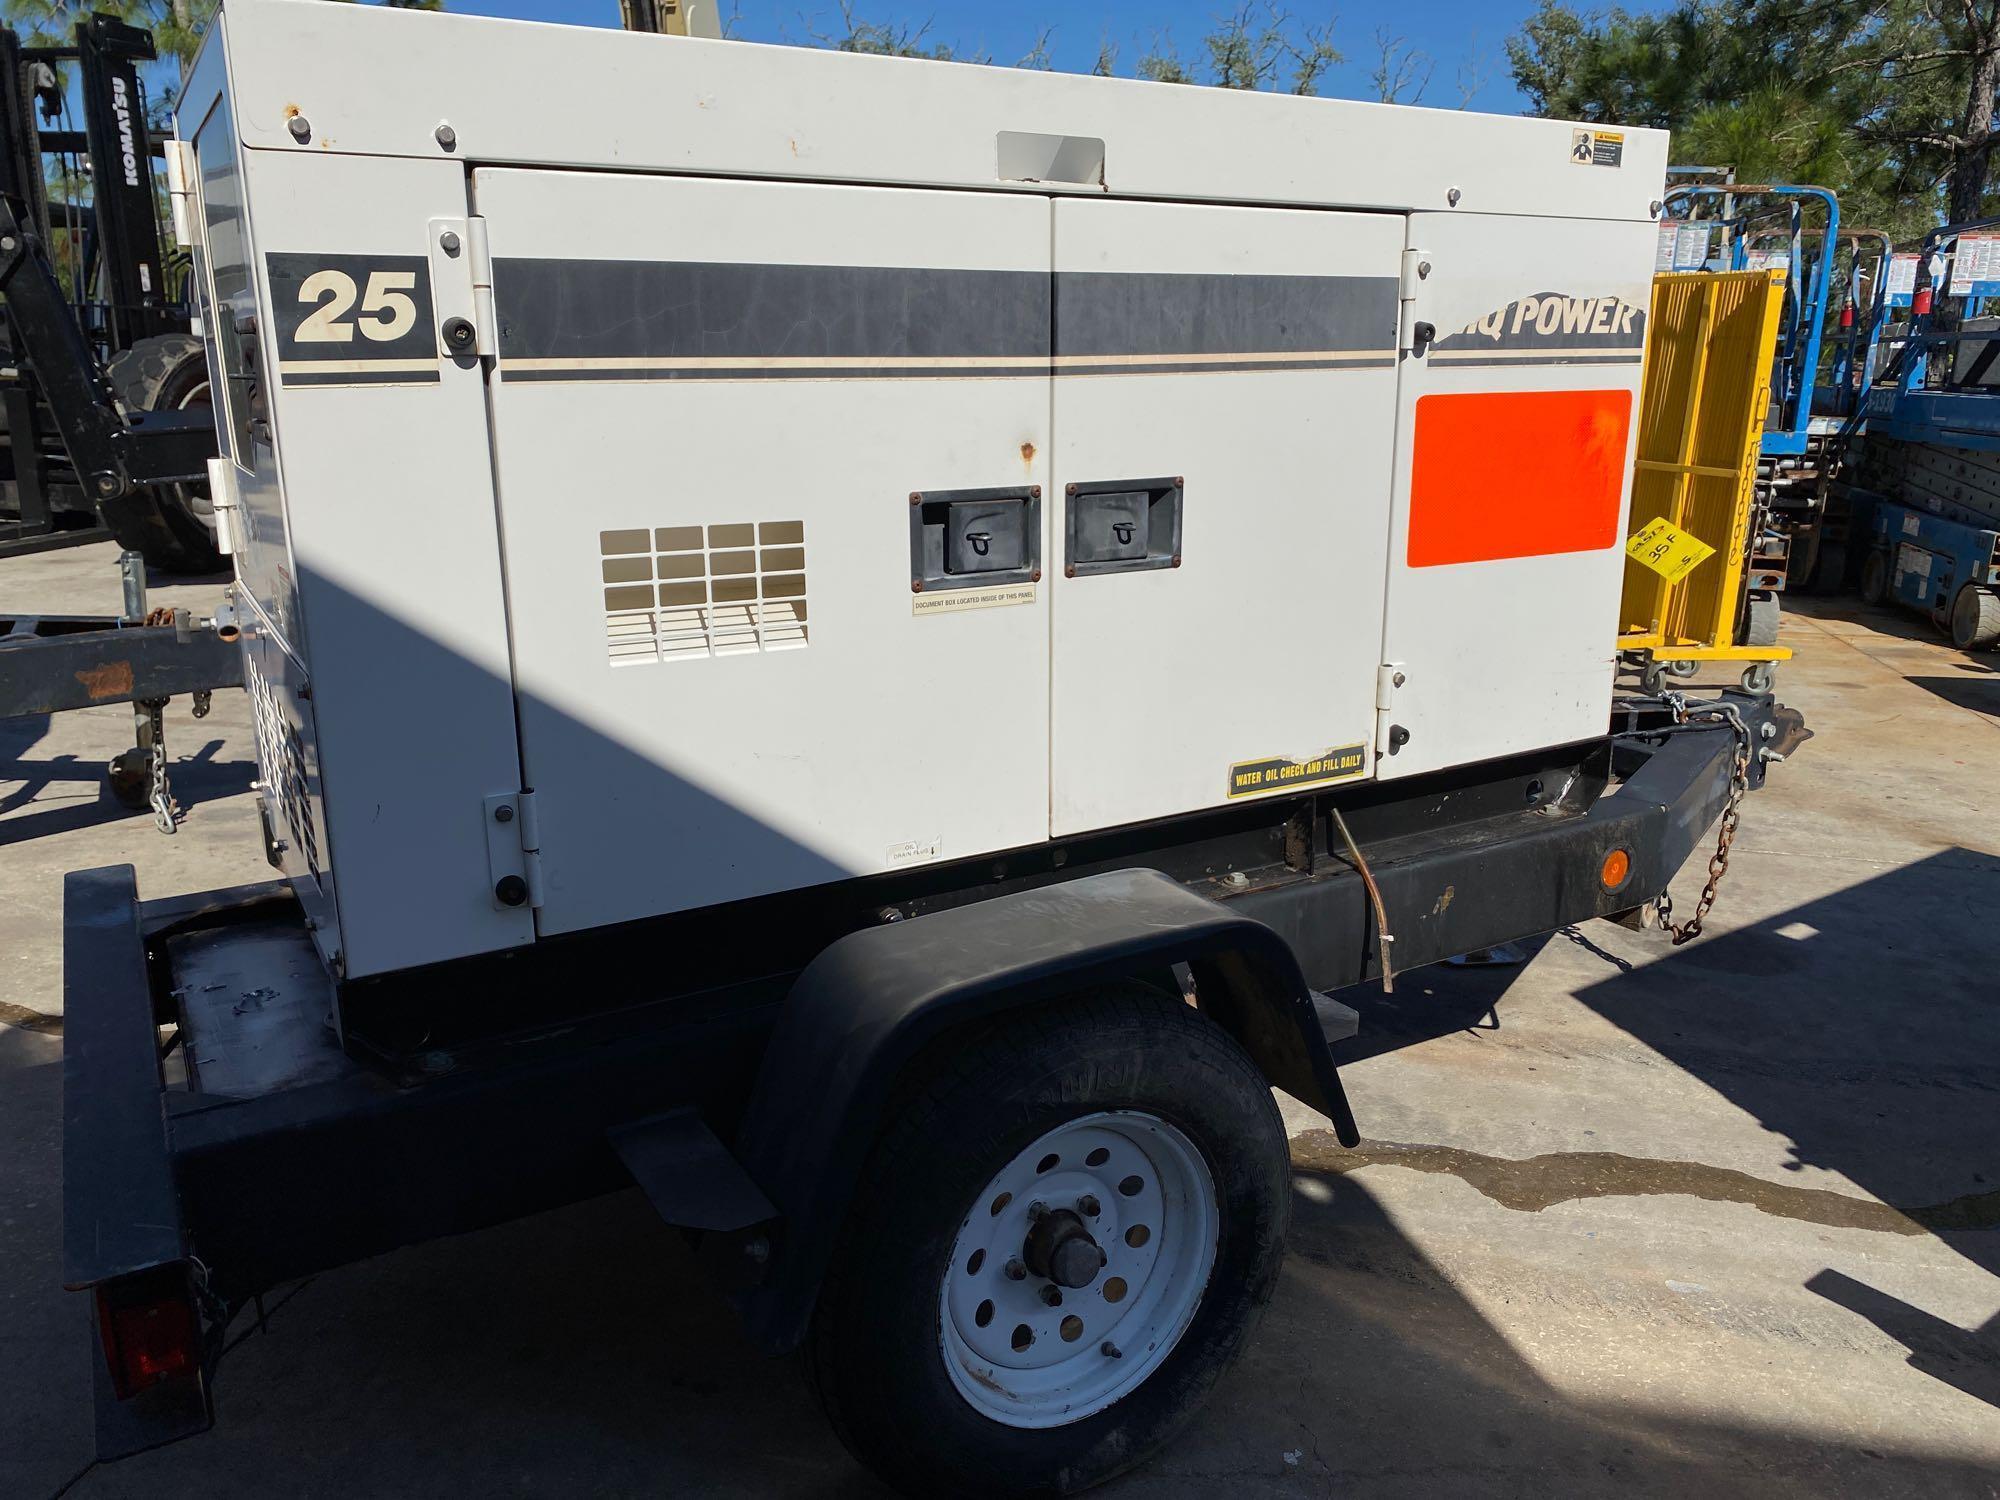 2012 WHISPERWATT MQ POWER DIESEL GENERATOR, TRAILER MOUNTED, 20KW, 25KVA, RUNS AND OPERATES - Image 2 of 10